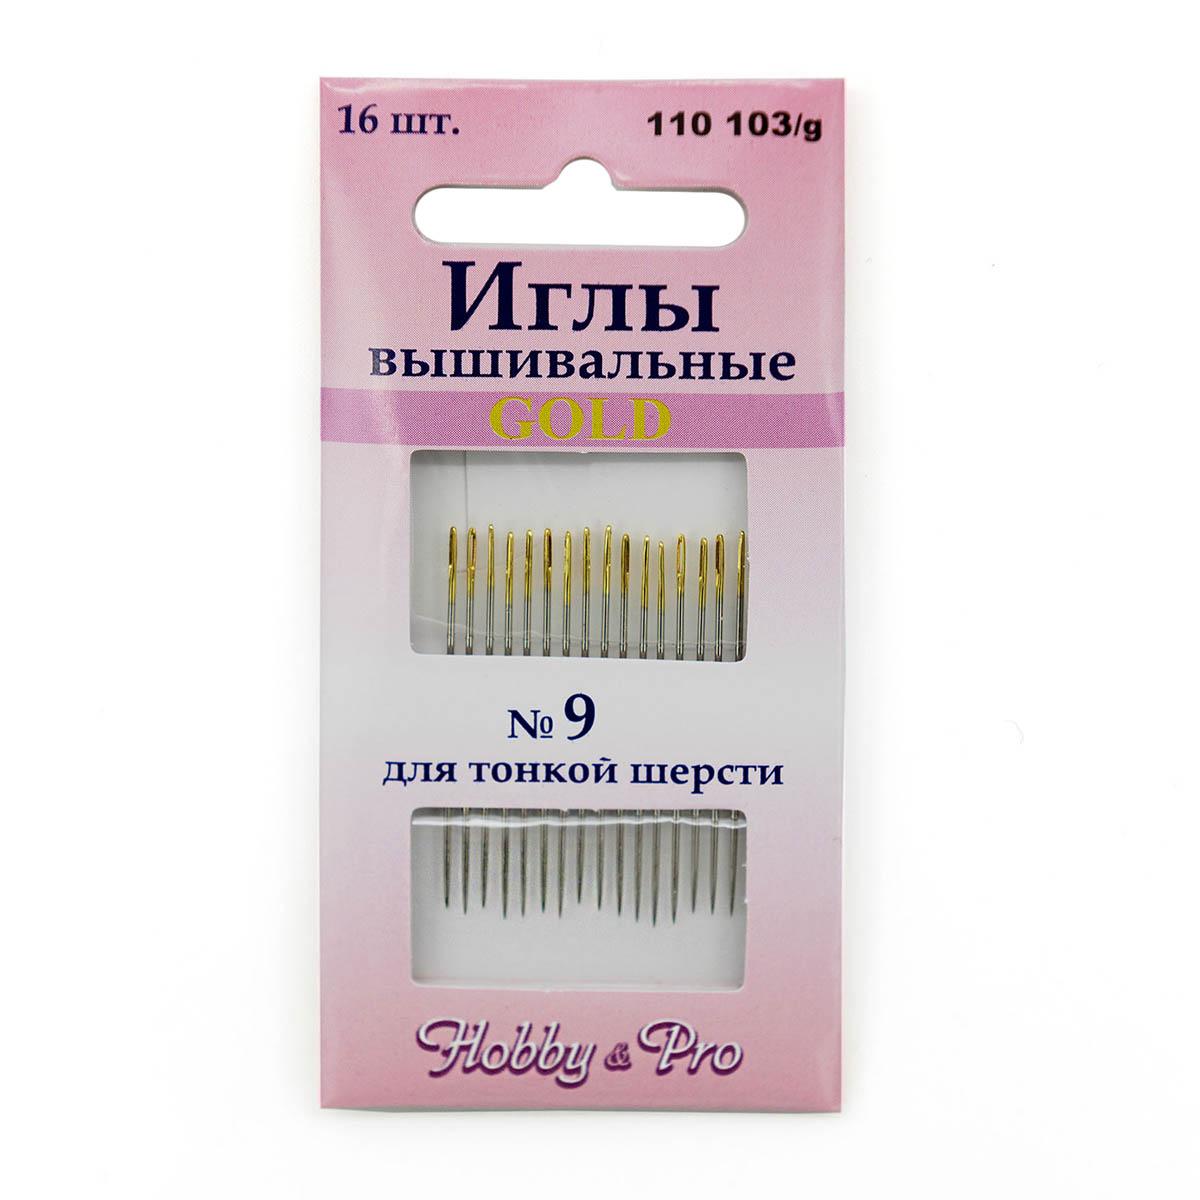 Иглы ручные с золотым ушком для тонкой шерсти №9, 16шт. 110103/g, Hobby&Pro